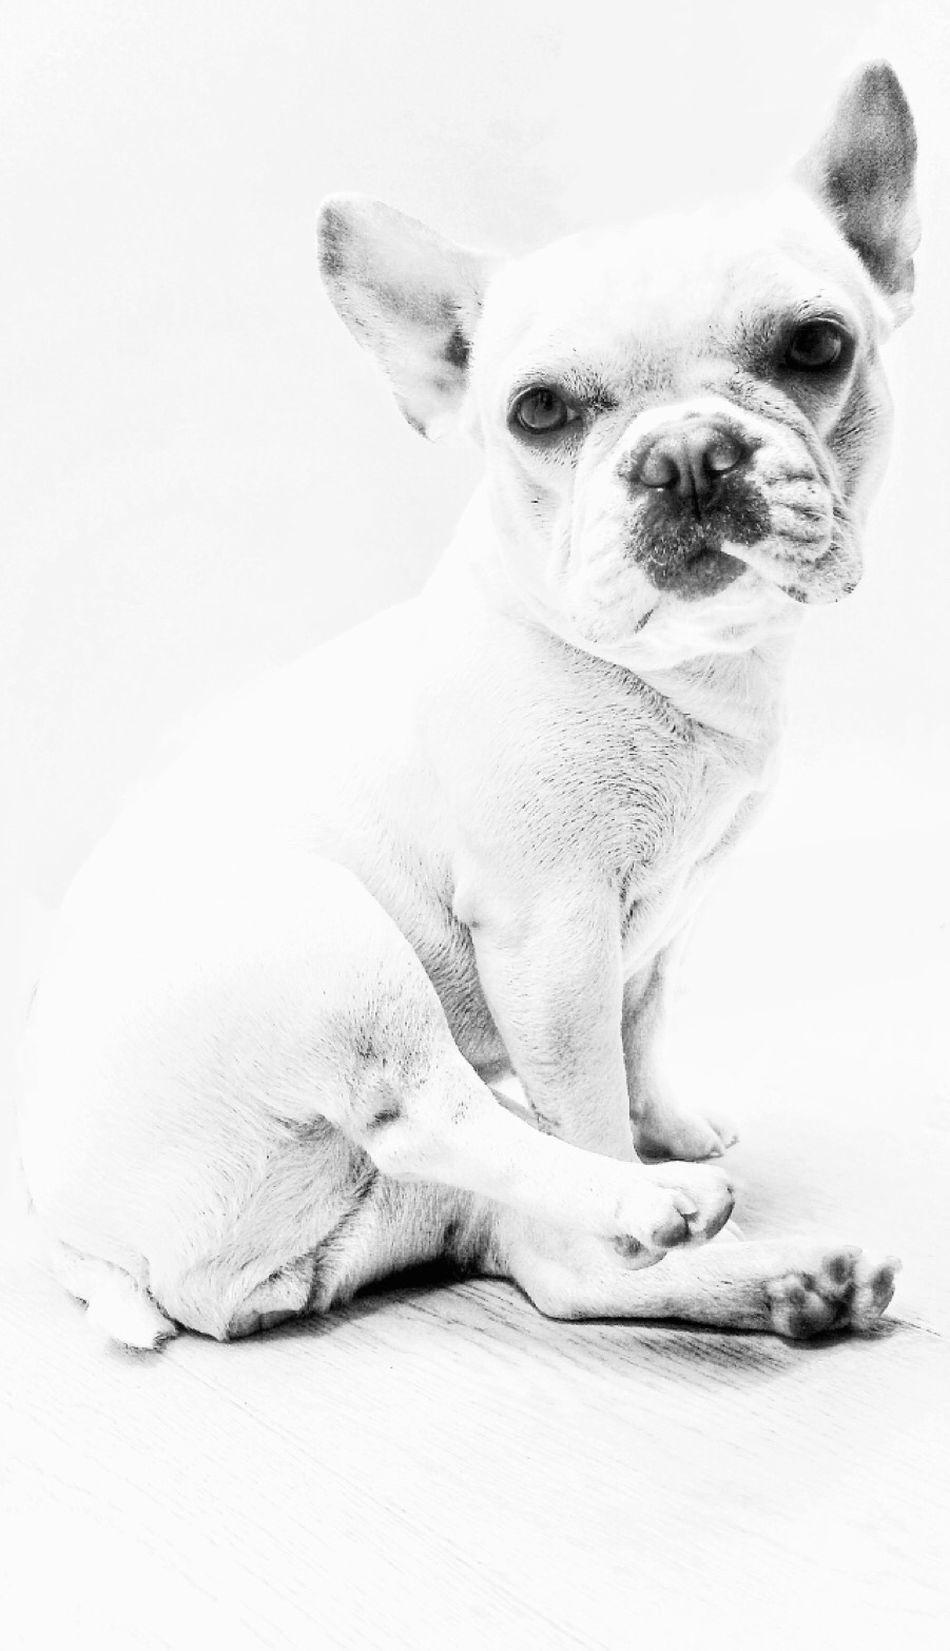 Mydog Chloe Frenchbulldog Love Blackandwhite Photography